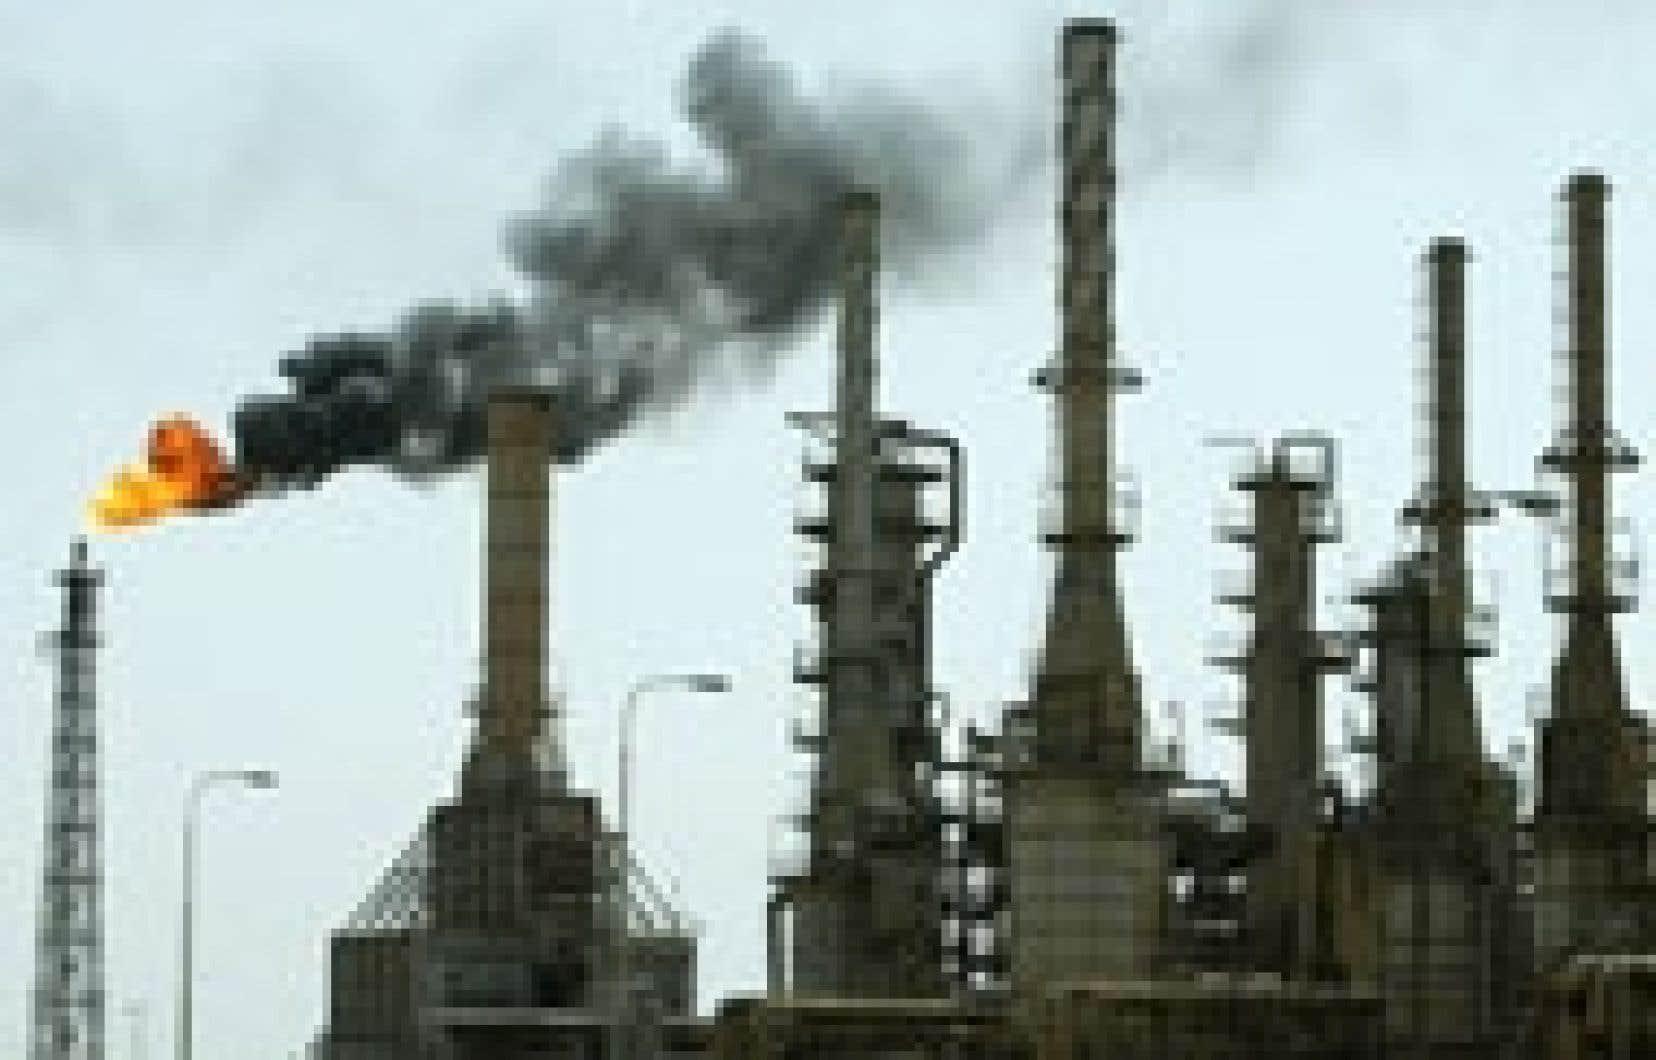 Les difficultés du géant pétrolier russe Ioukos et une forte spéculation ont fait flamber les prix du brut, hier.